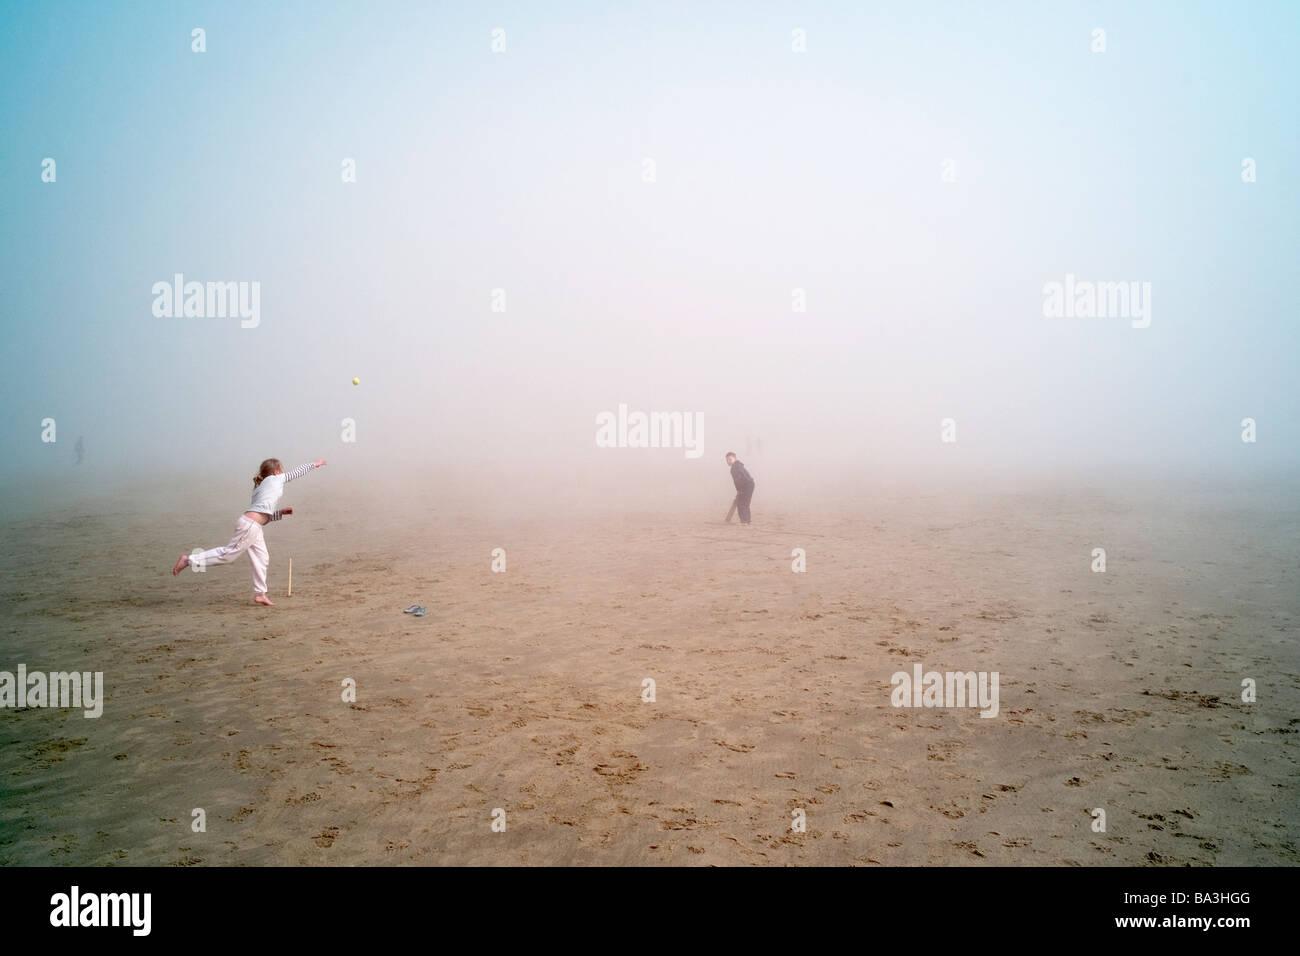 Les enfants jouer au cricket sur un brouillard lié beach en Angleterre du Sud-Est Photo Stock